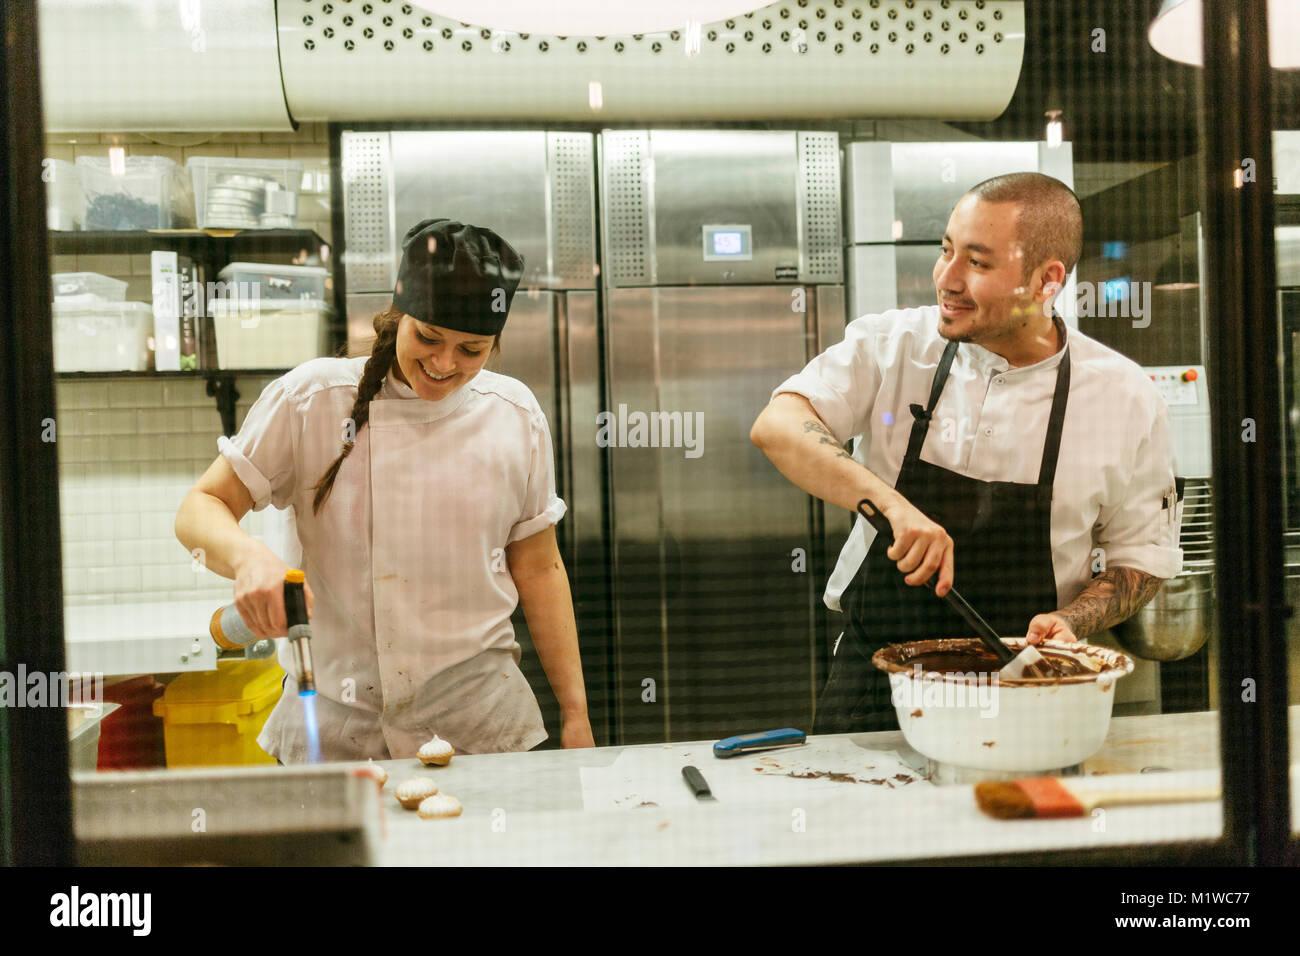 Chefs de cocina Imagen De Stock